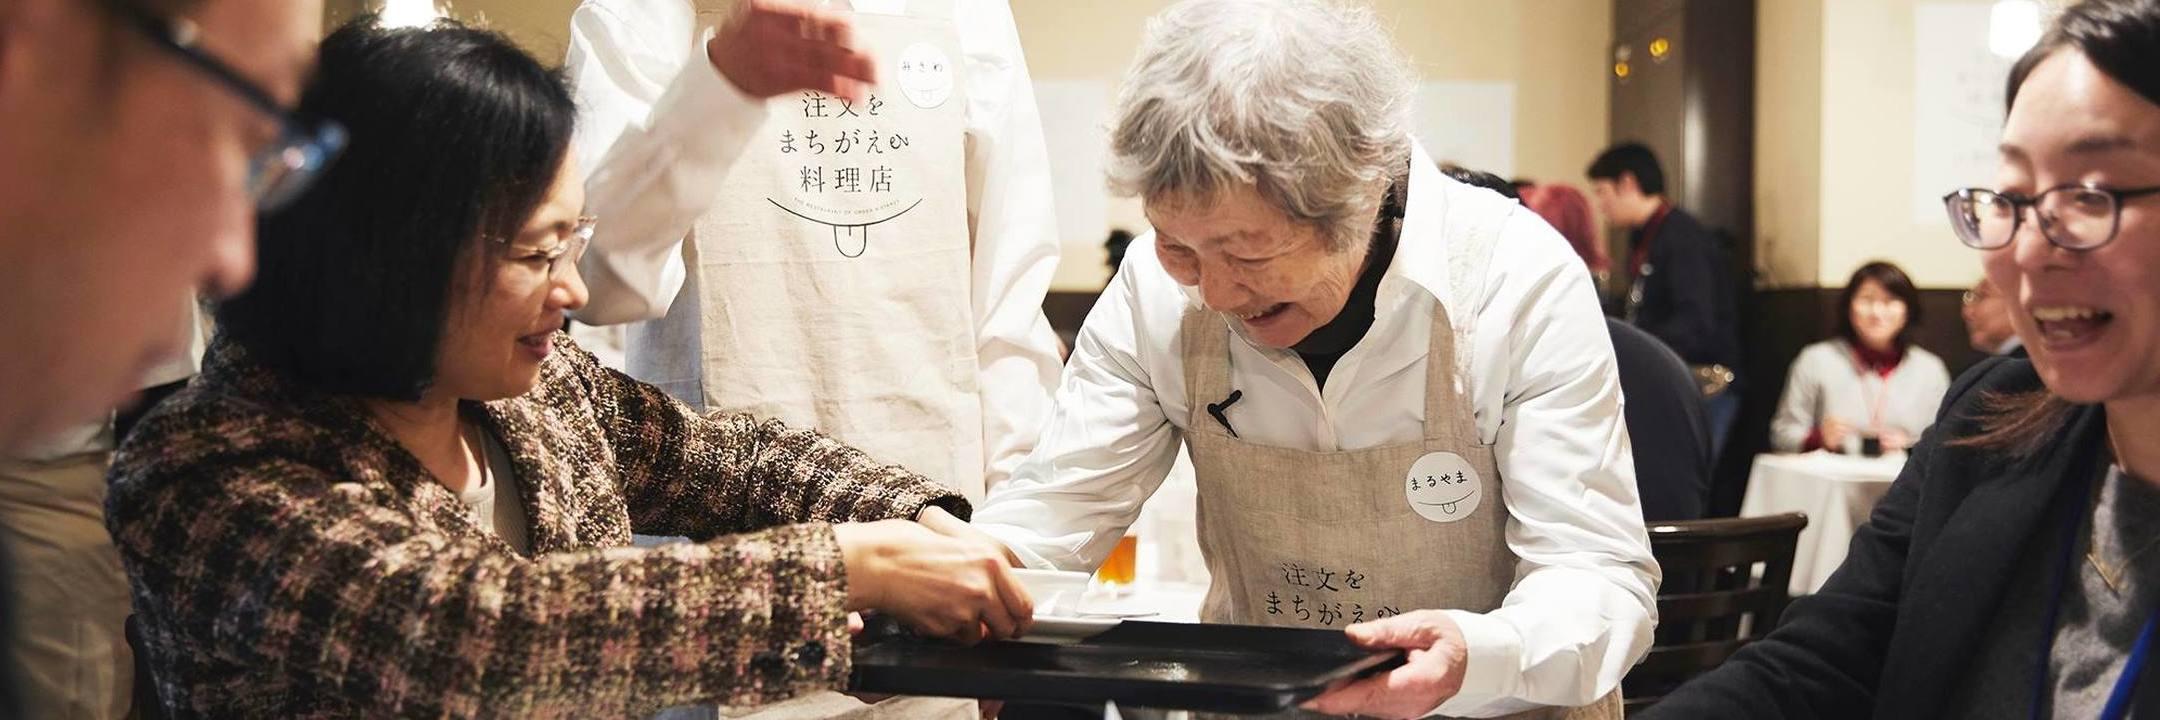 Restaurant of Mistaken Orders: Este restaurante apenas contrata pessoas com demência